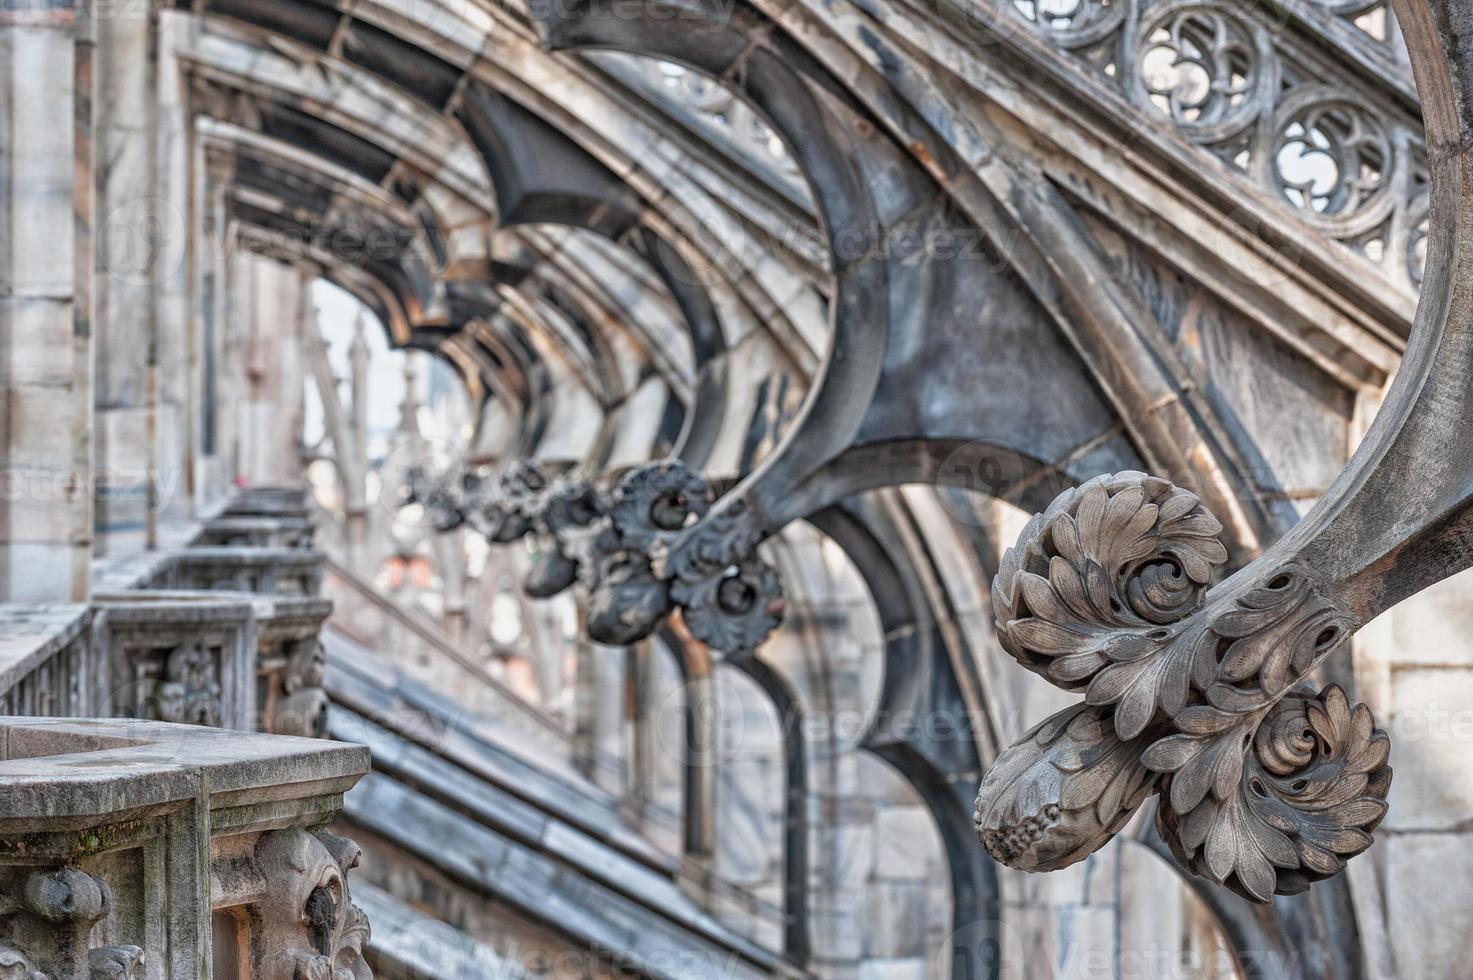 detalle de arcos del techo de la catedral de milán foto